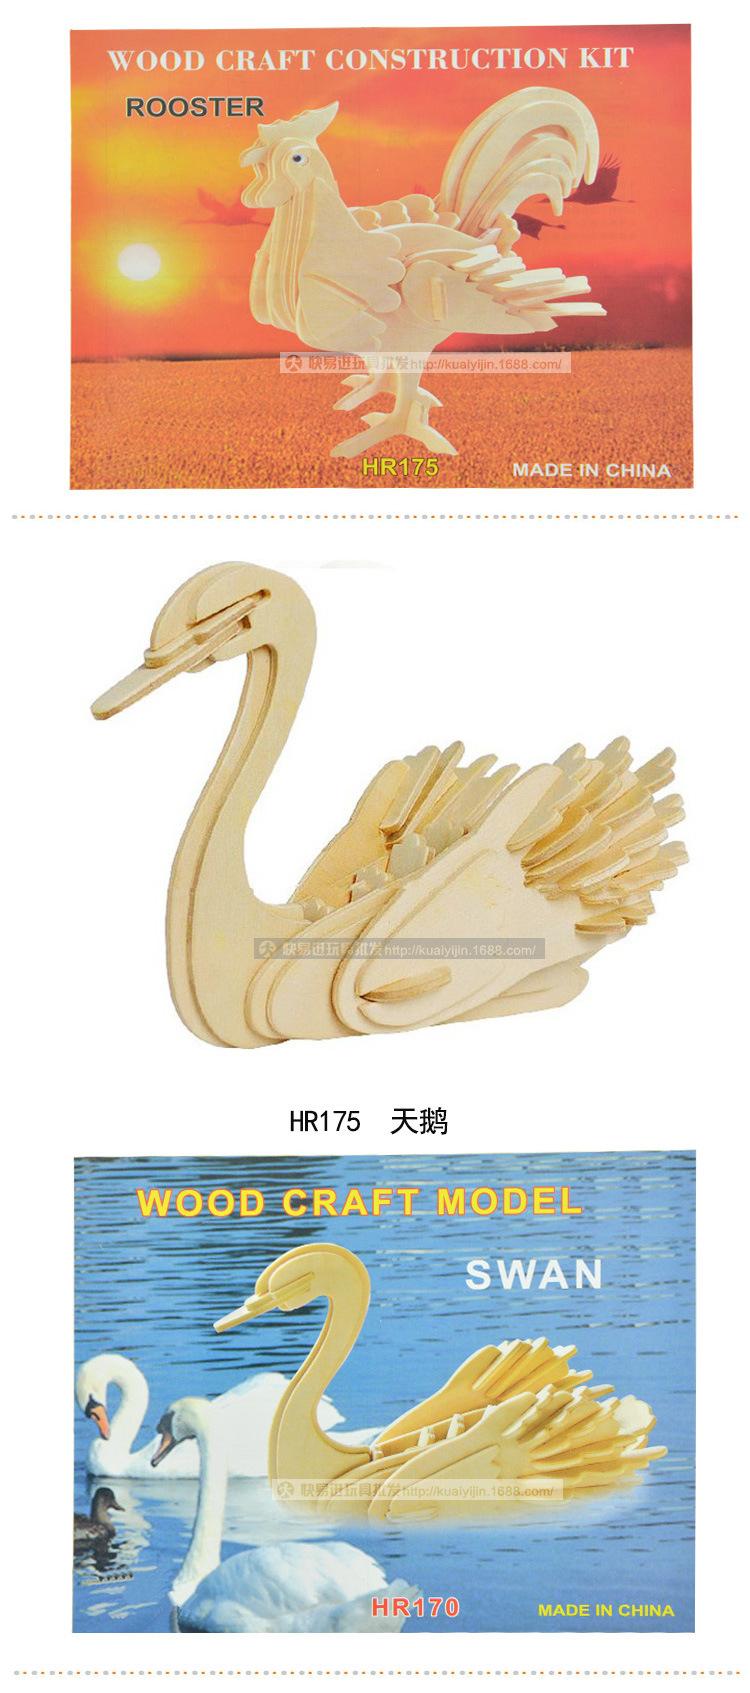 木制仿真模型 益智 3d立体拼图木制仿真模型多款混批 阿里巴巴